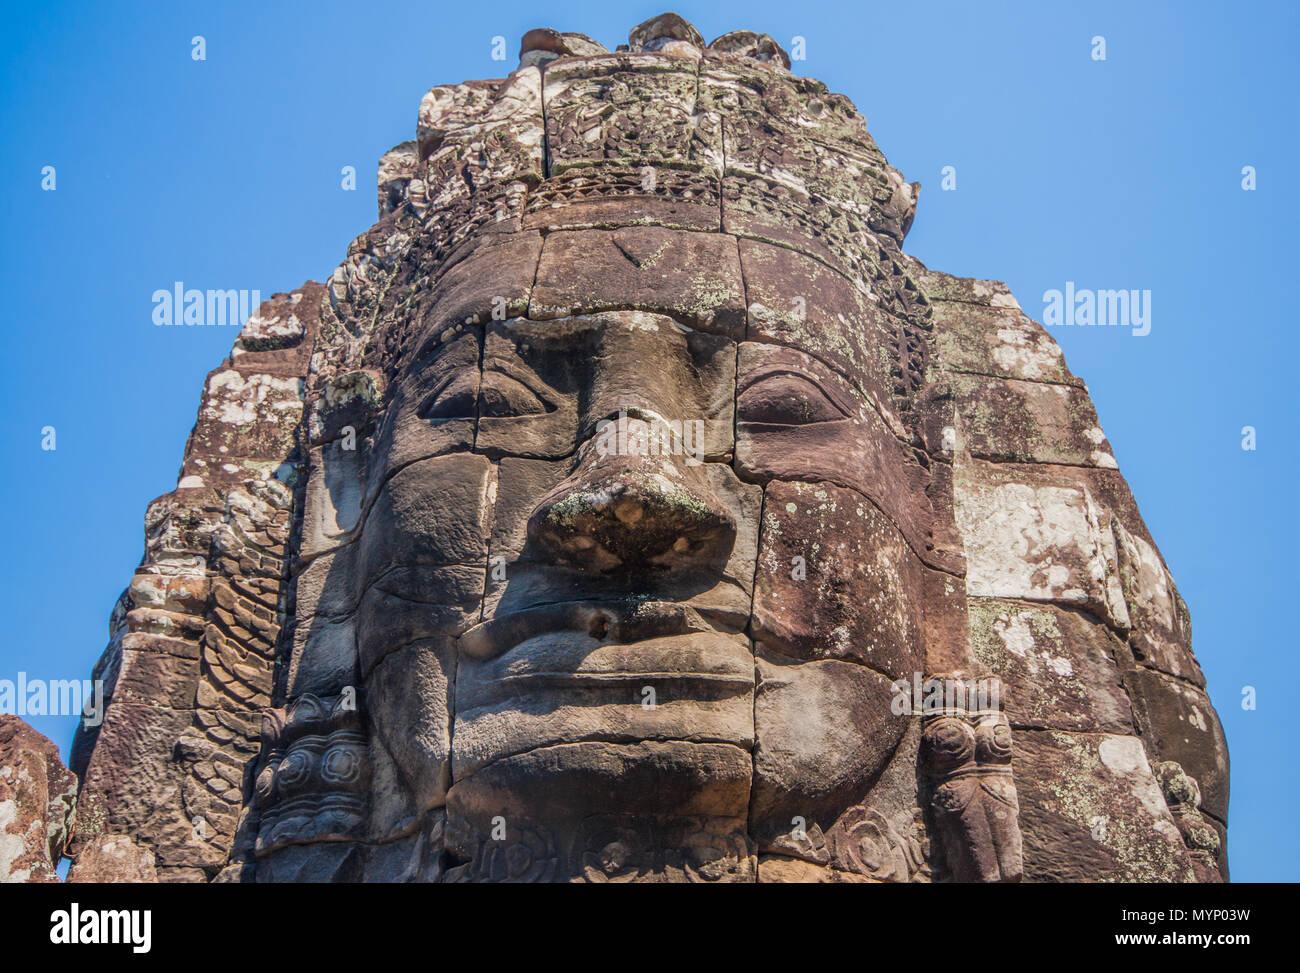 Angkor Thom, au Cambodge - L'un le plus grand monument religieux du monde, ancienne capitale de l'empire Khmer, et célèbre pour les visages sculptés dans les rochers Photo Stock